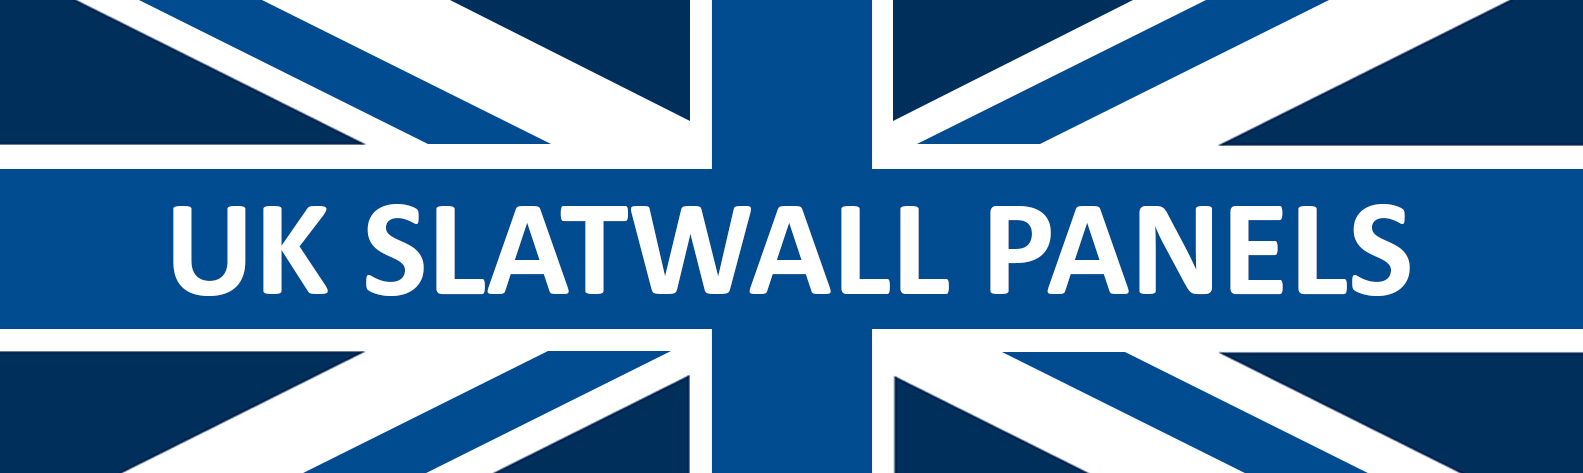 UK Slatwall Panels - 4ft Slatwall